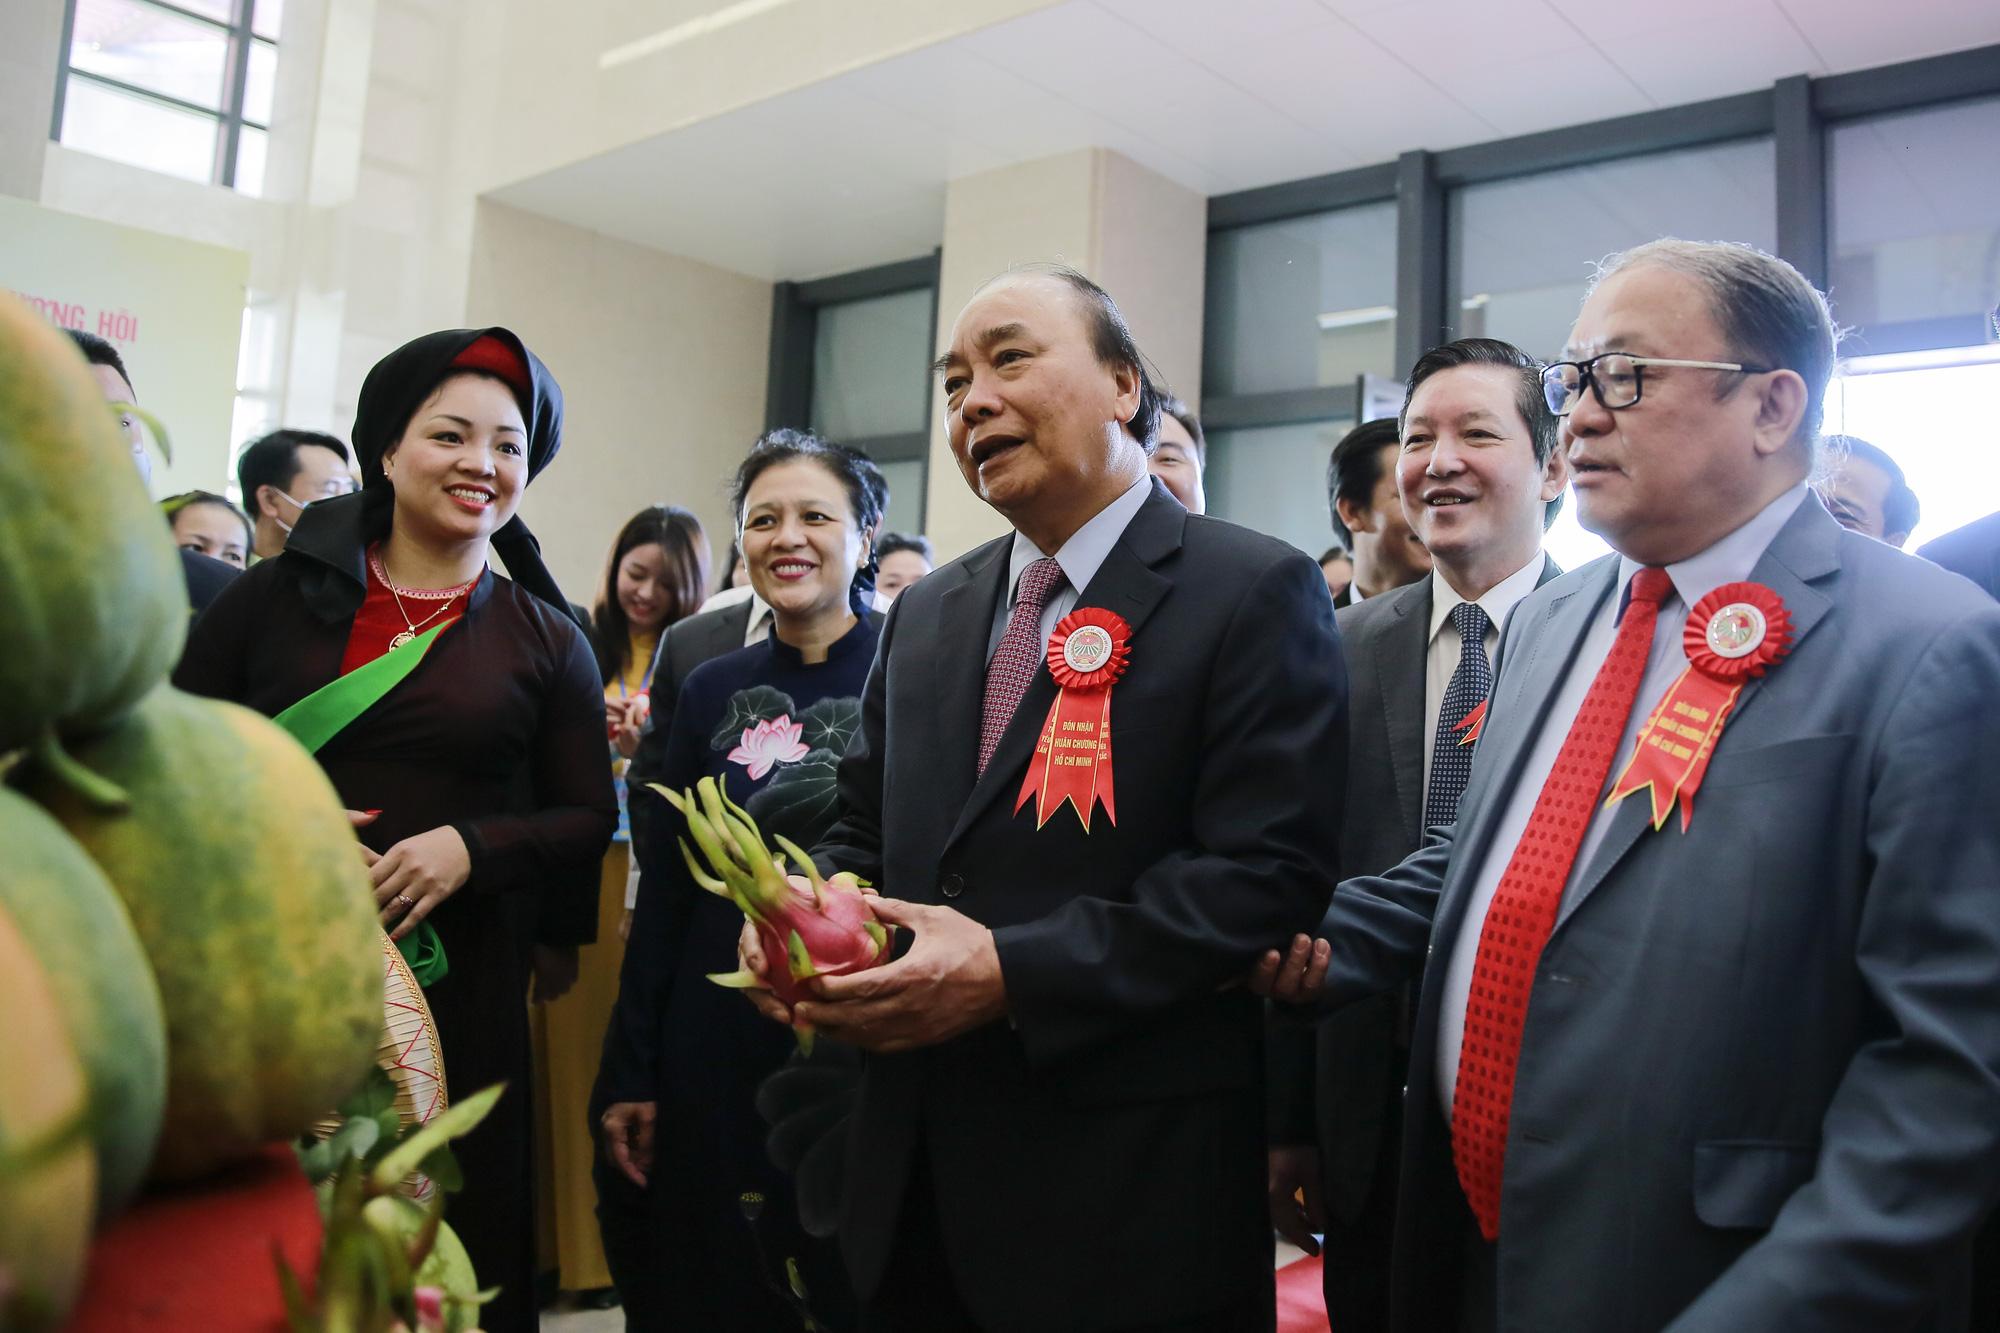 Lễ Kỷ niệm 90 năm Ngày thành lập Hội Nông dân Việt Nam: Hội Nông dân Việt Nam nhận Huân chương Hồ Chí Minh - Ảnh 1.